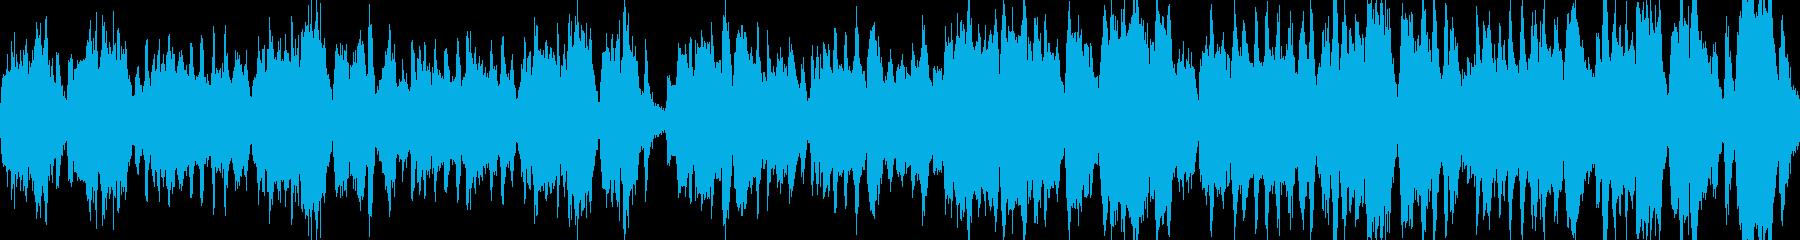 魔女のコミカルなオーケストラ・ループ版の再生済みの波形